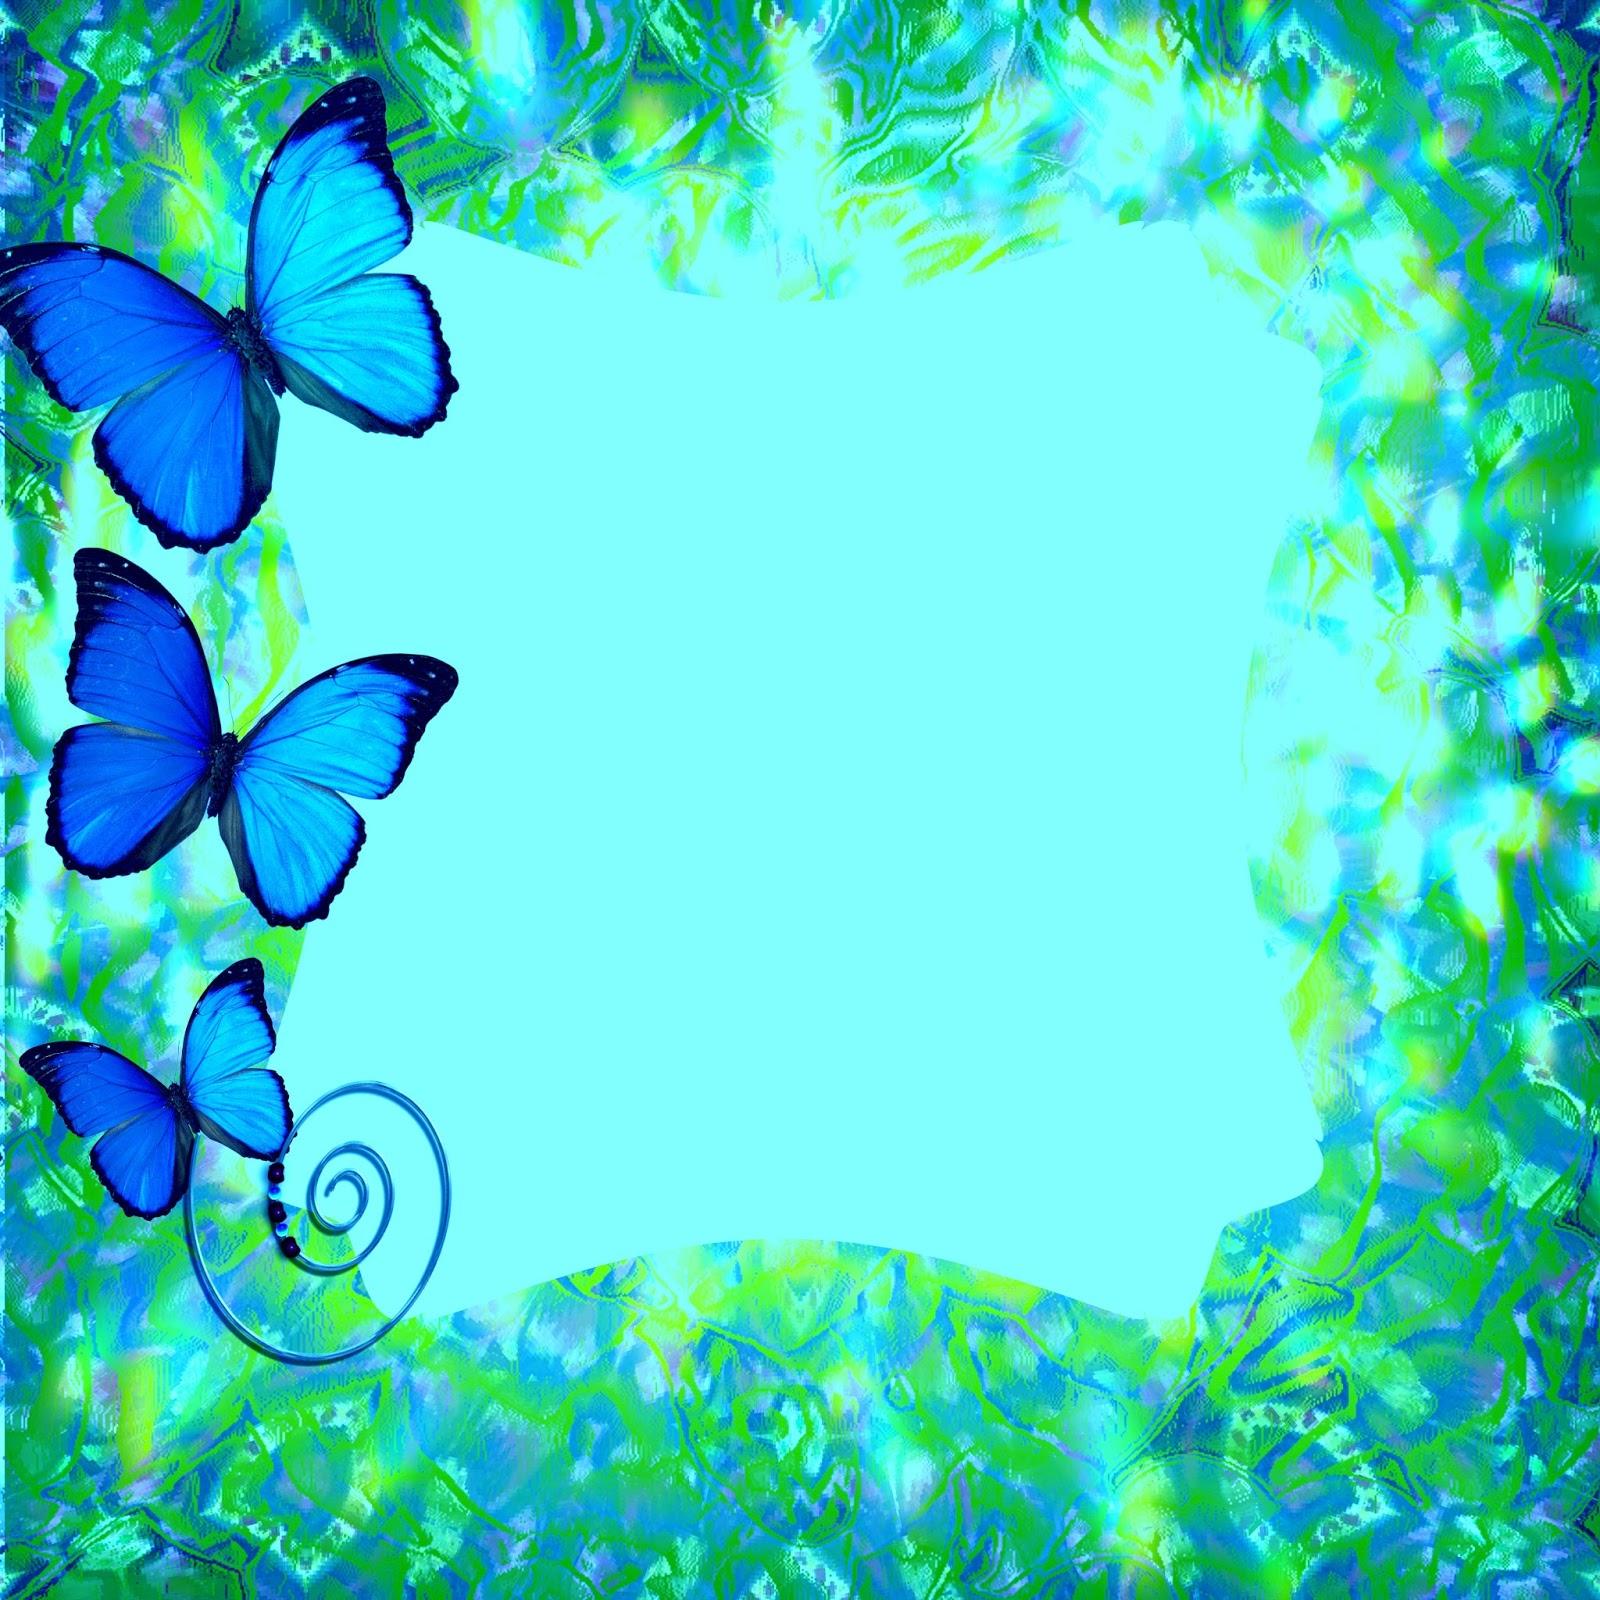 Butterfly Borders.